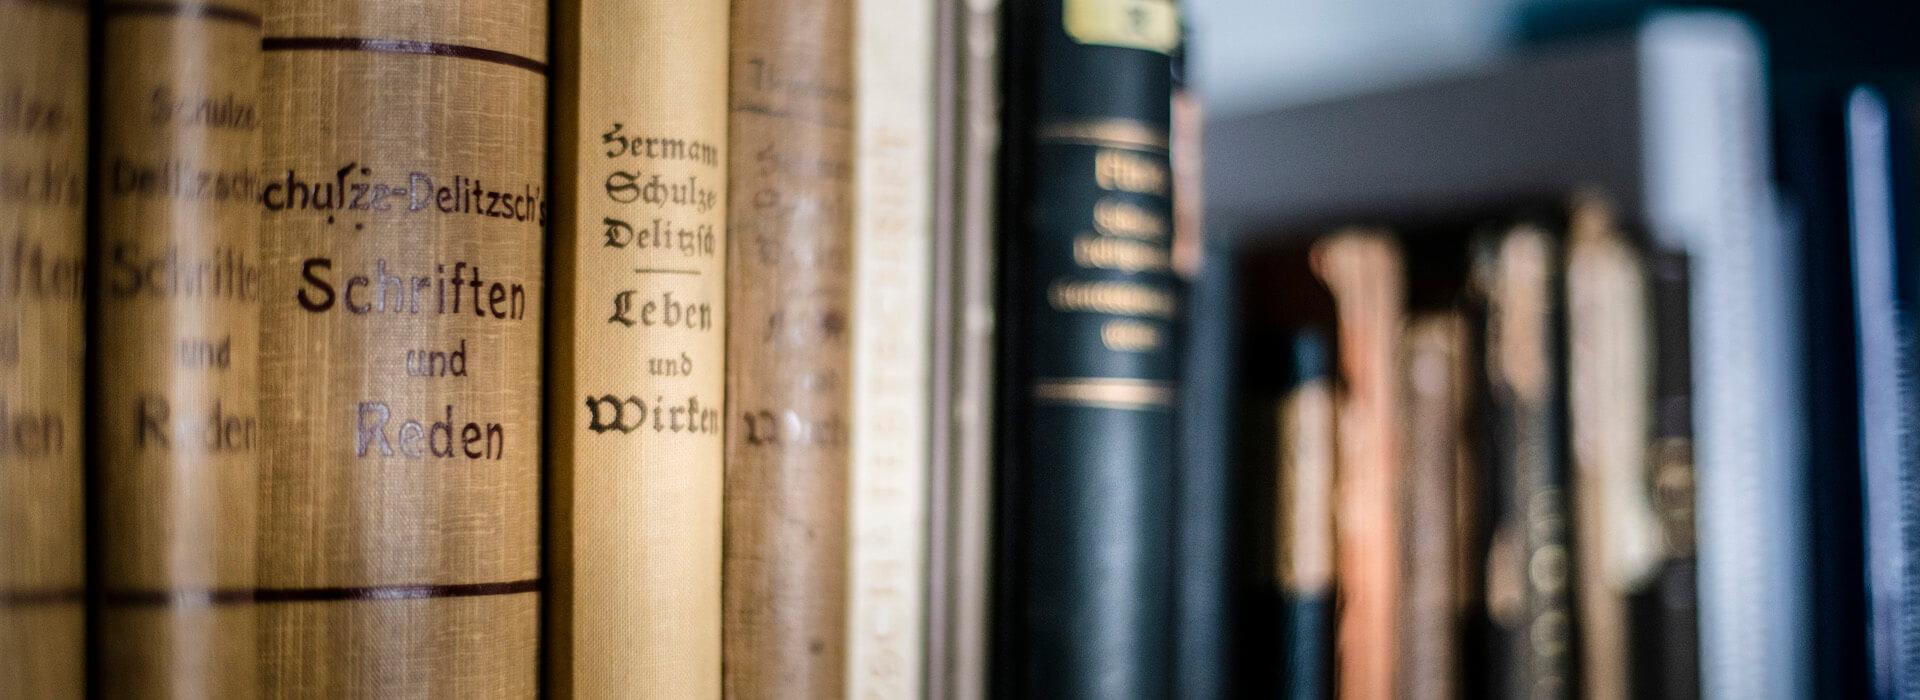 Nahaufnahme Bücher in der Bibliothek im Genossenschaftsmuseum